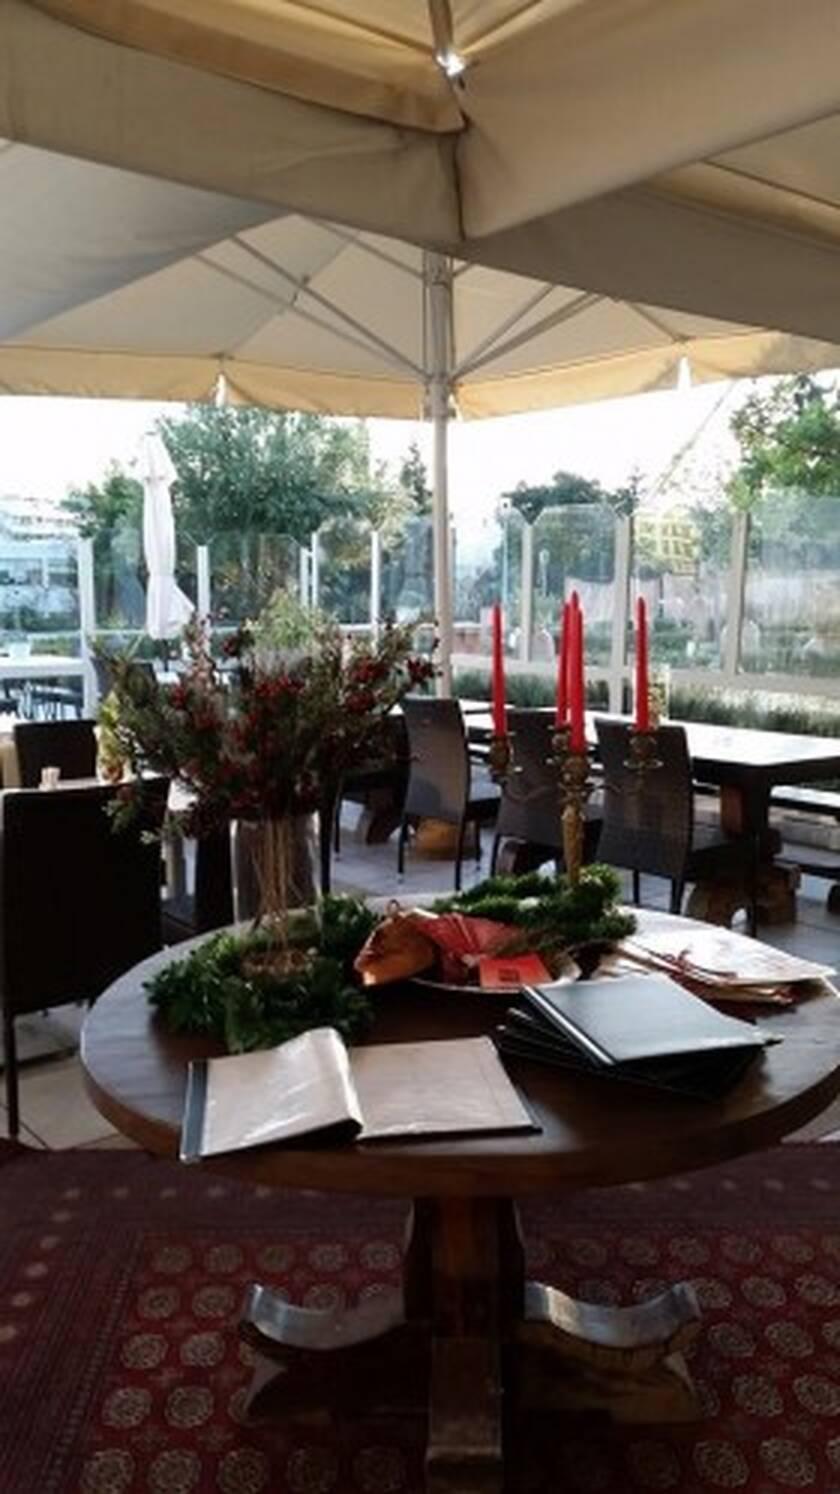 Καφέ-εστιατόριο «ILISSIA» στο Βυζανιντό Μουσείο